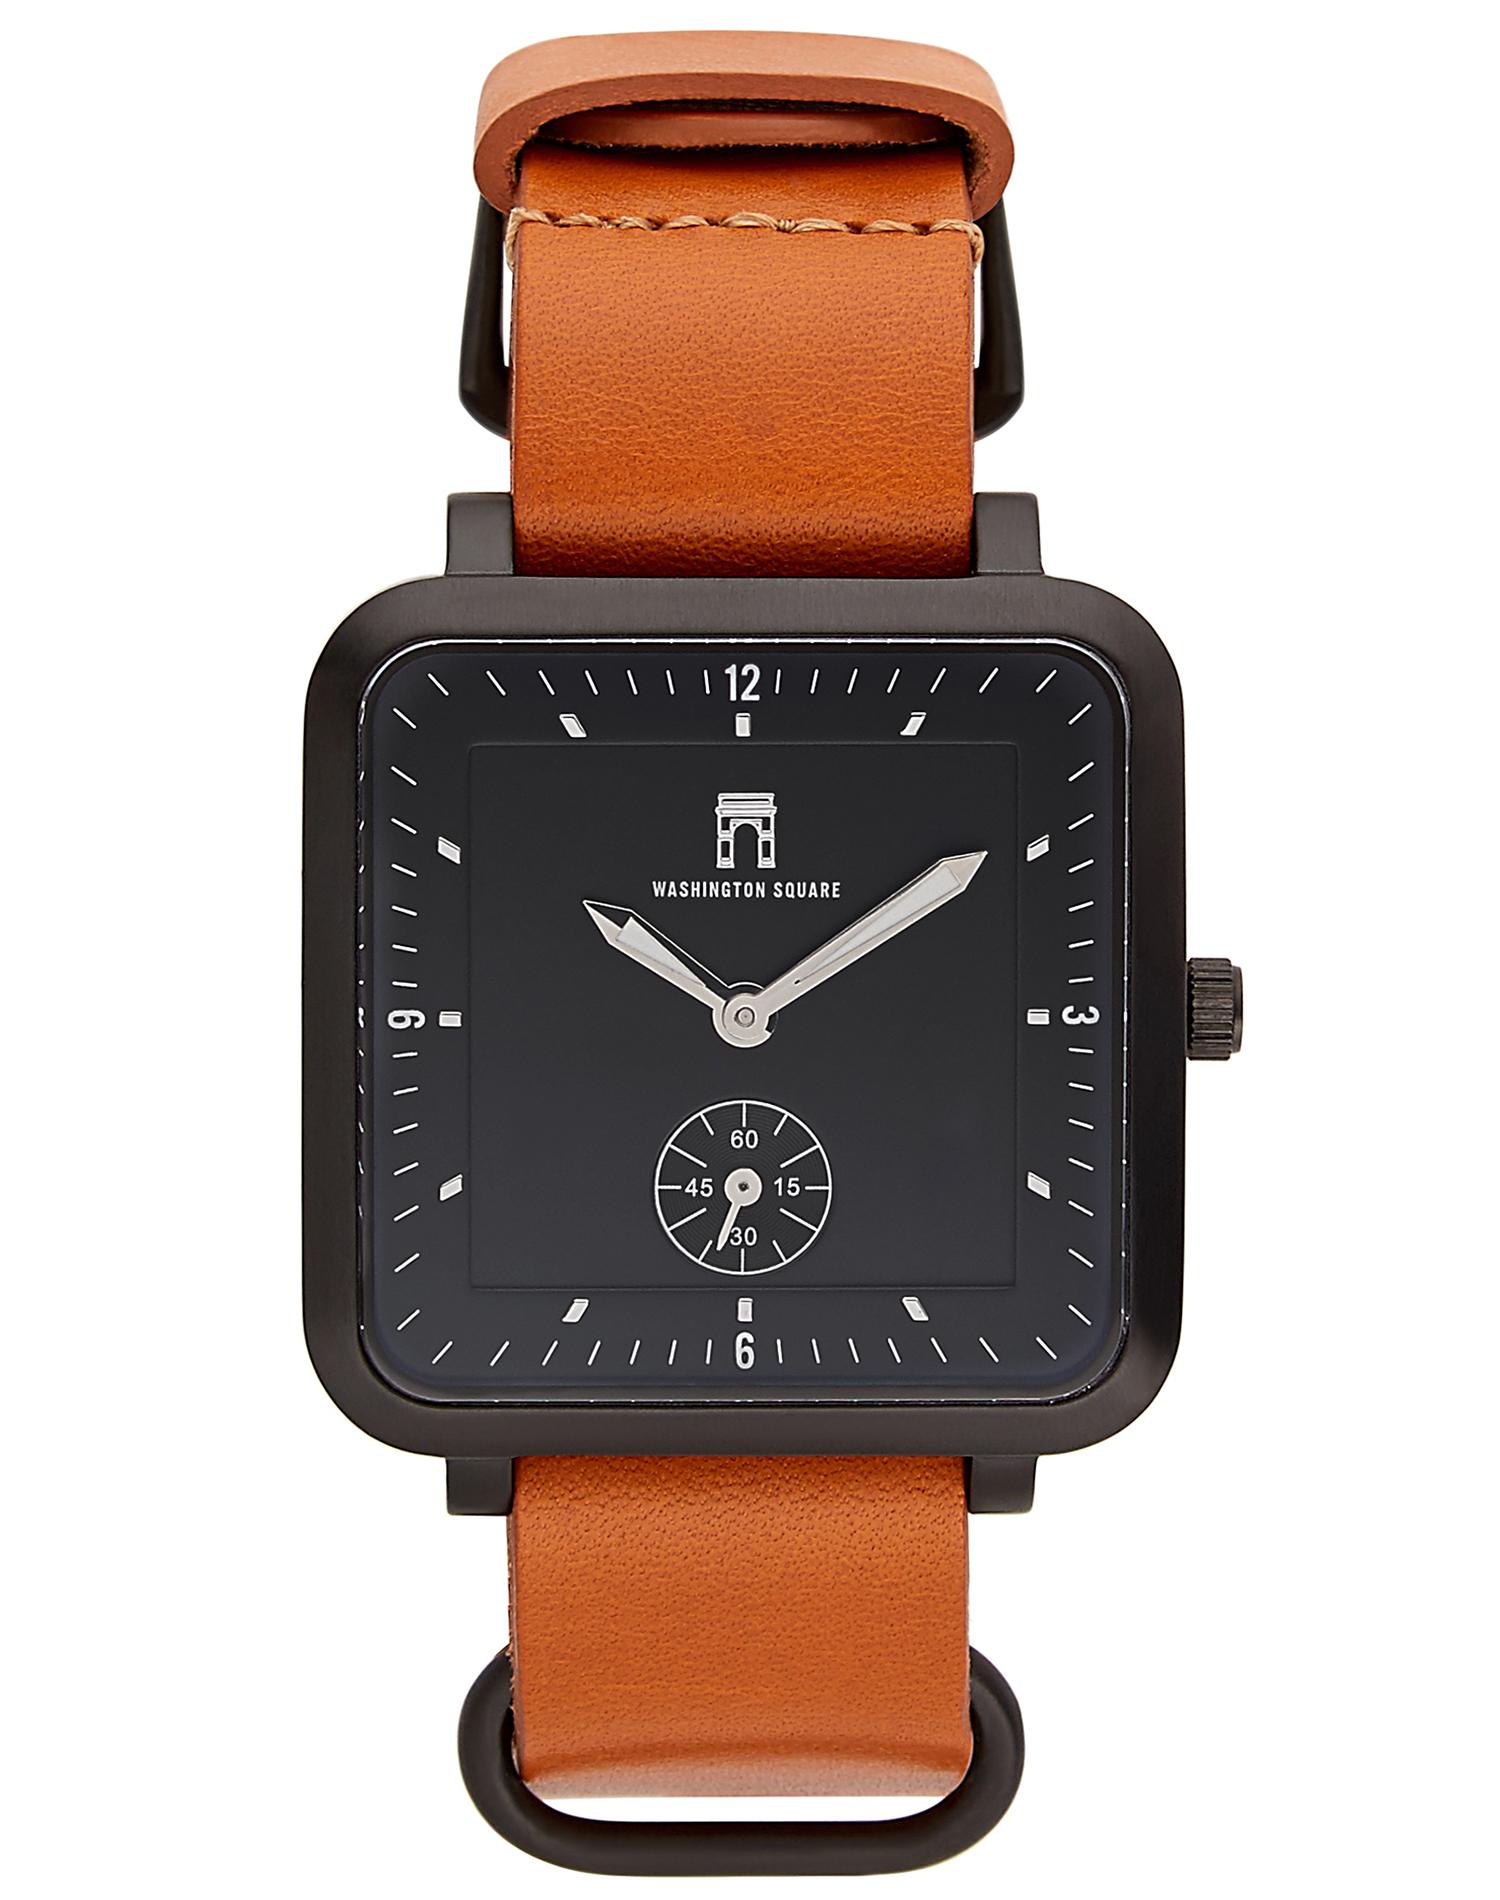 策展人:赏心悦目的皮质表带成为这款手表的一大亮点。 - 这一系列的产品让您可以自信满满地表达自己的风格。小巧别致的方形表壳有银色、青铜色、金色、玫瑰金和黑色5种供你挑选。真皮表带在美国手工制作完成。